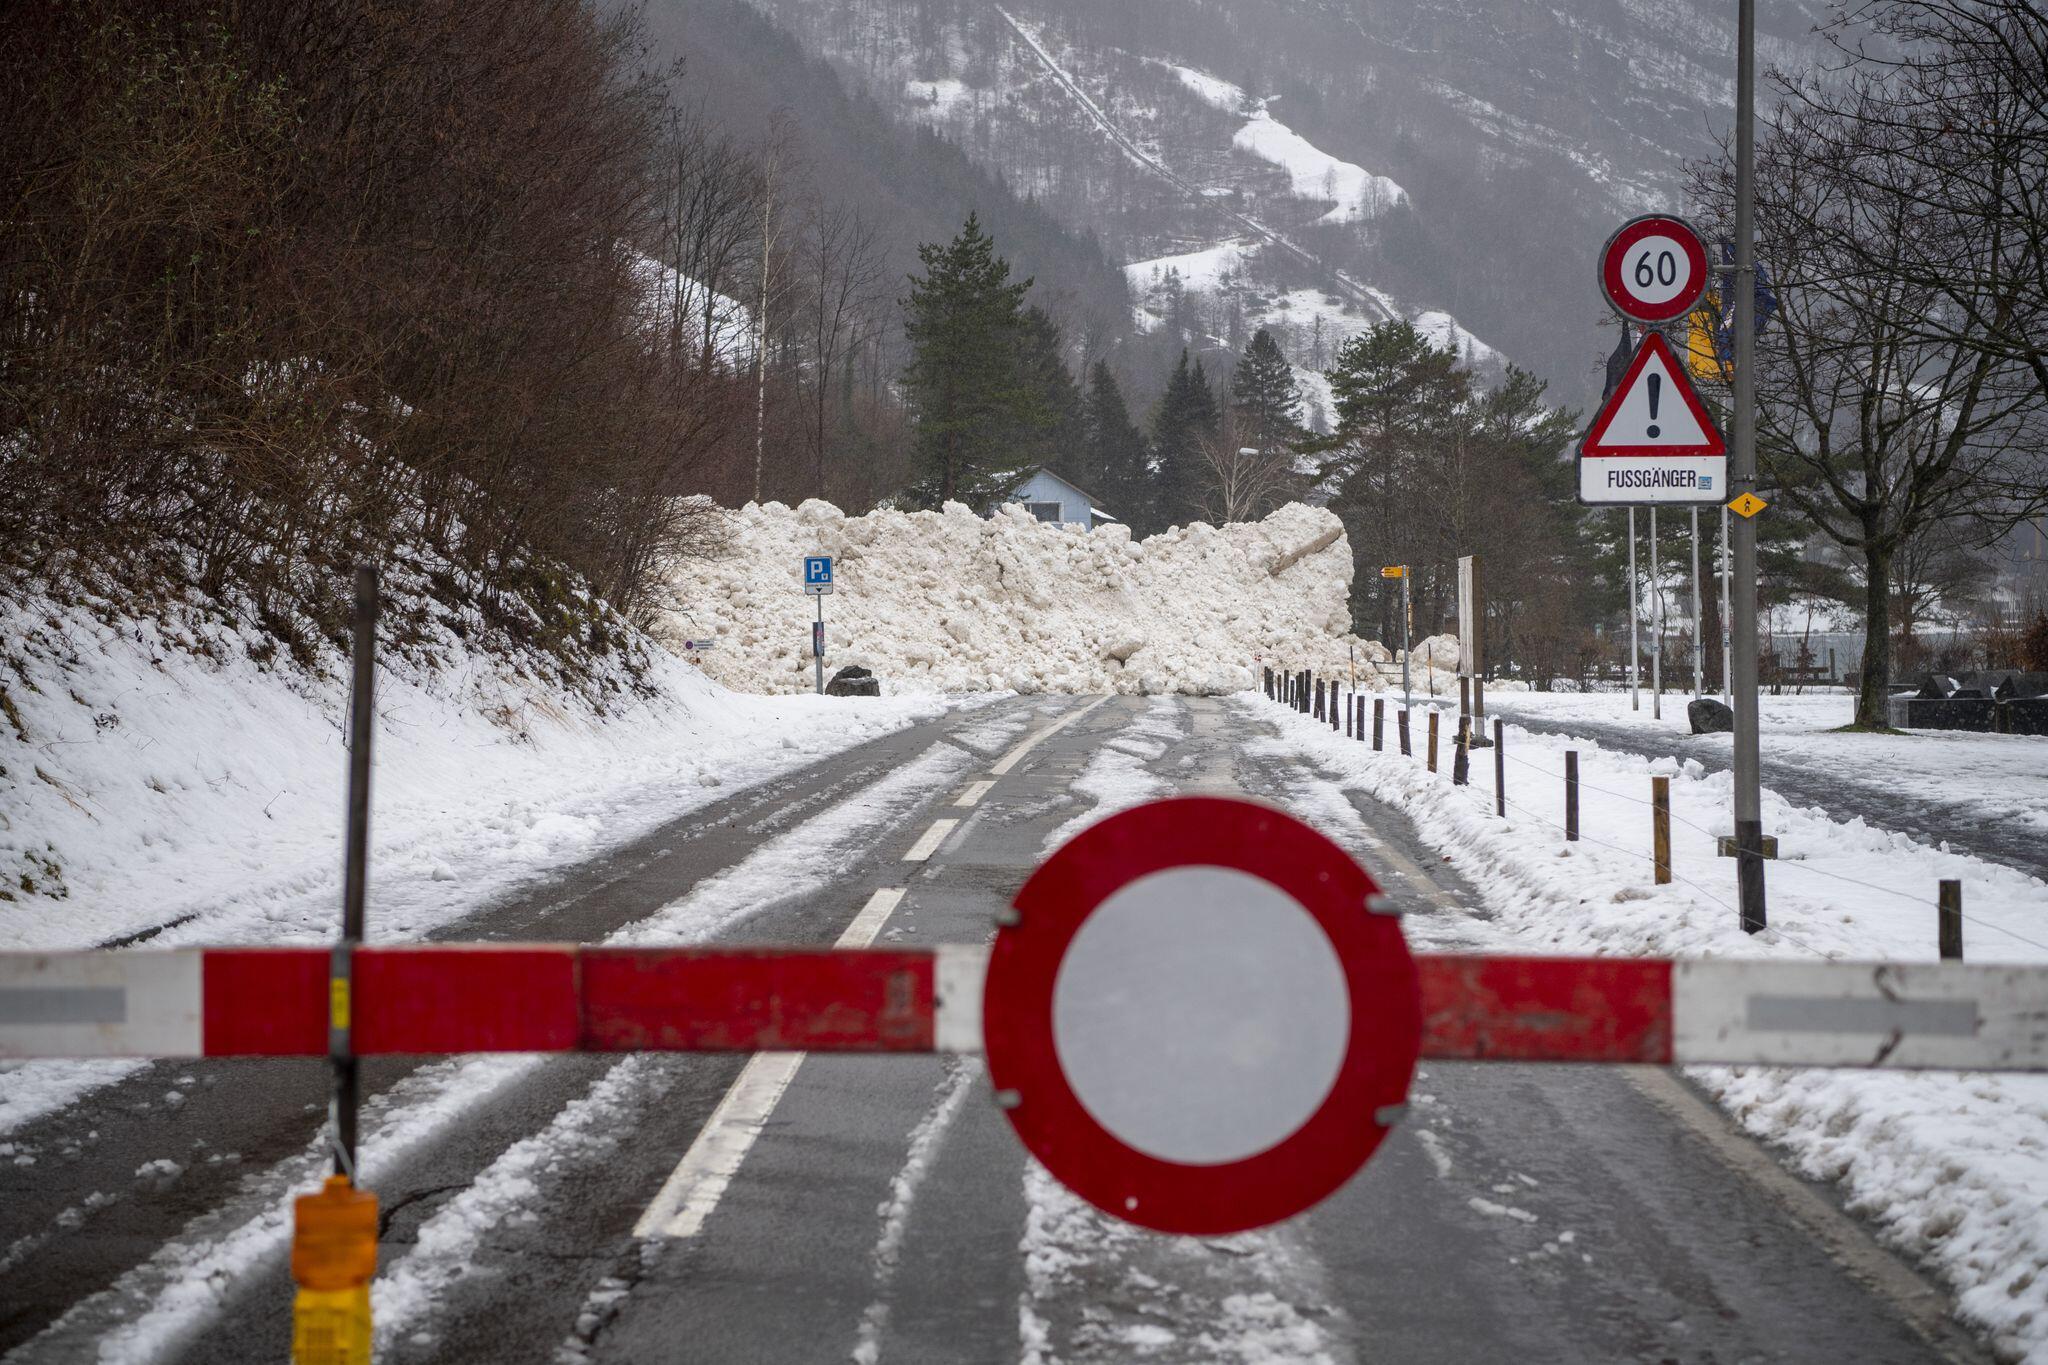 Bild zu Lawine blockiert Kantonstrasse in der Schweiz